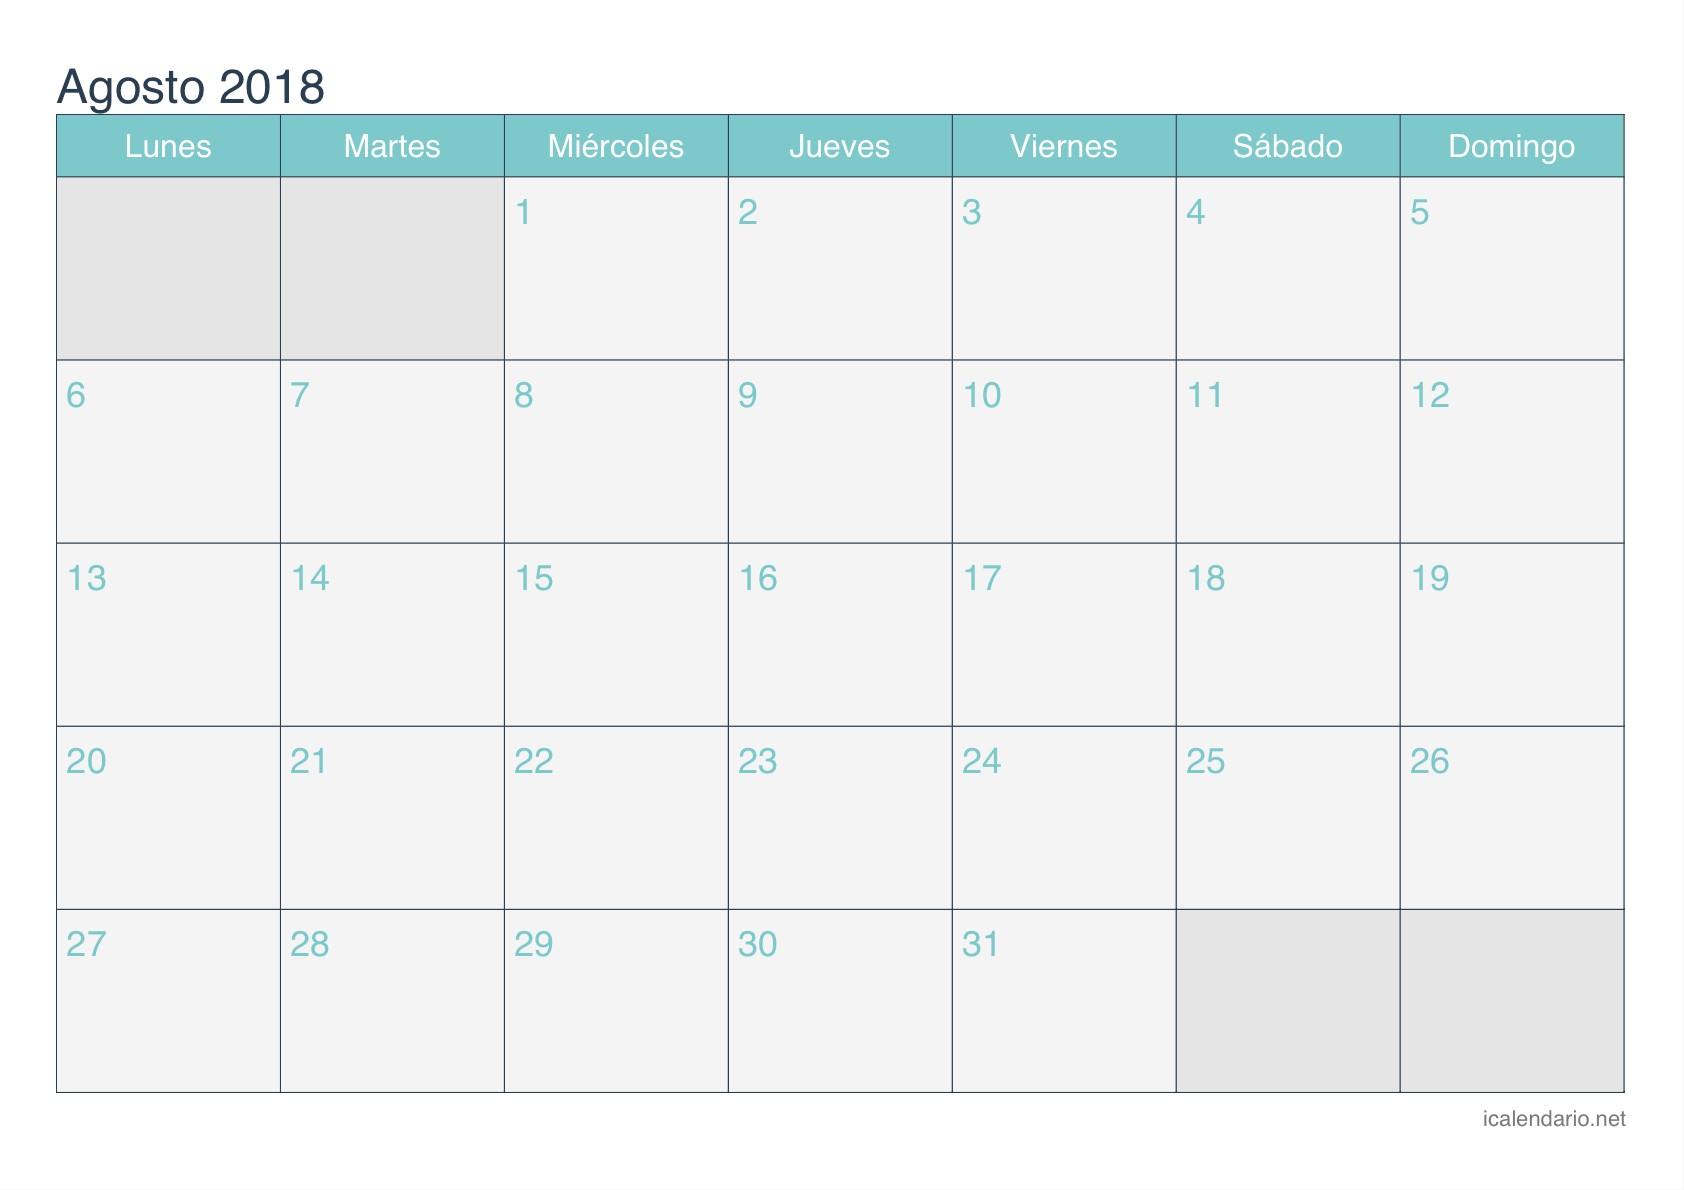 Calendario agosto 2018 para imprimir iCalendario